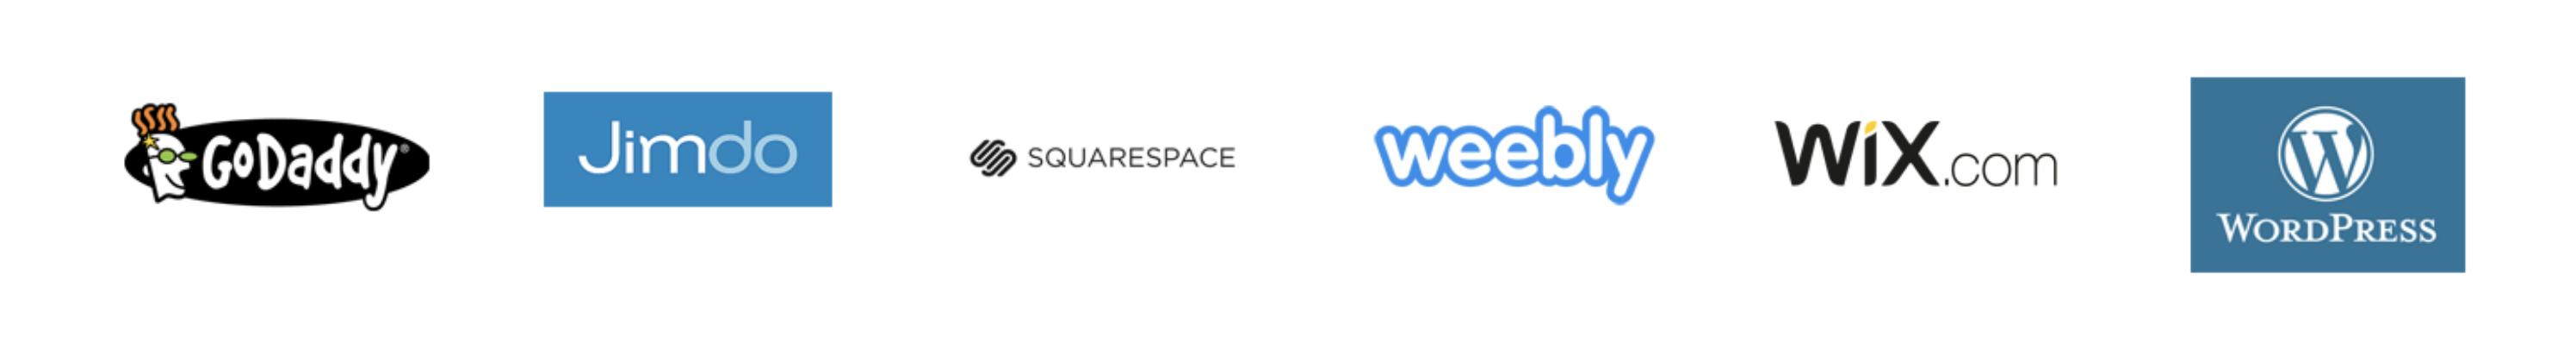 Compatible Web Hosts